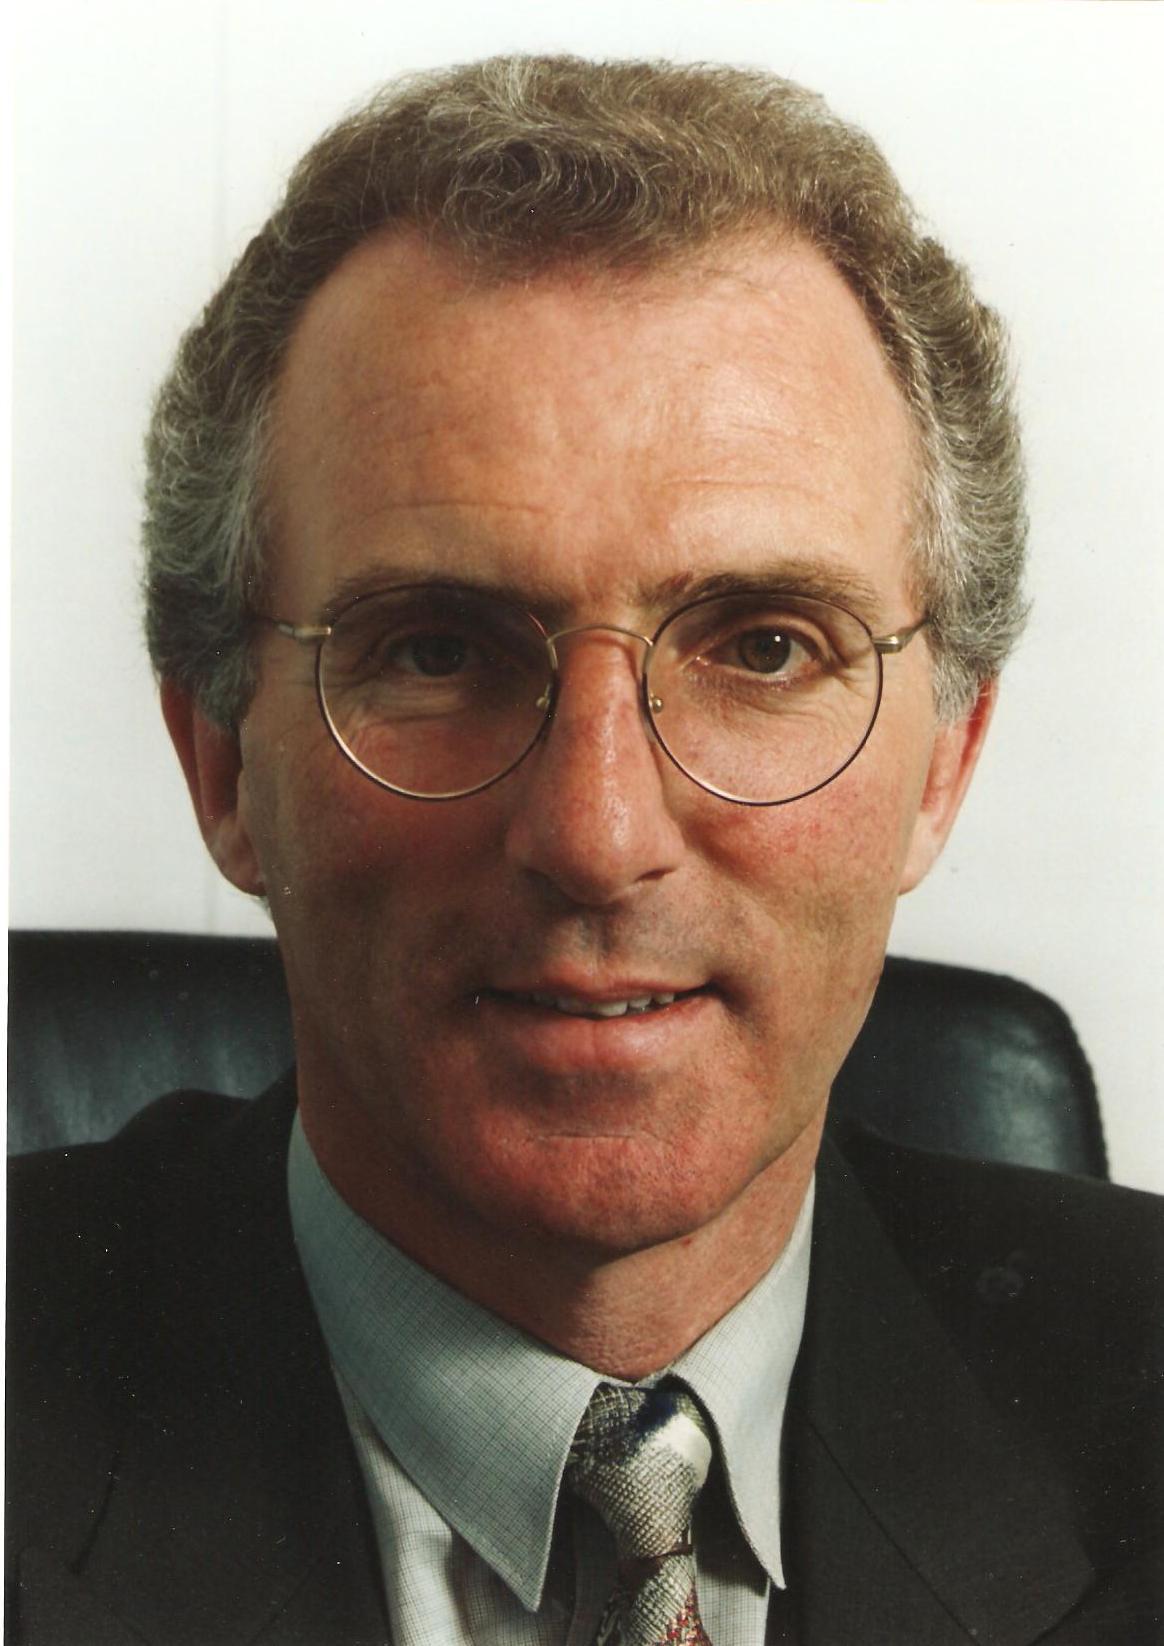 Gerard van Dalen